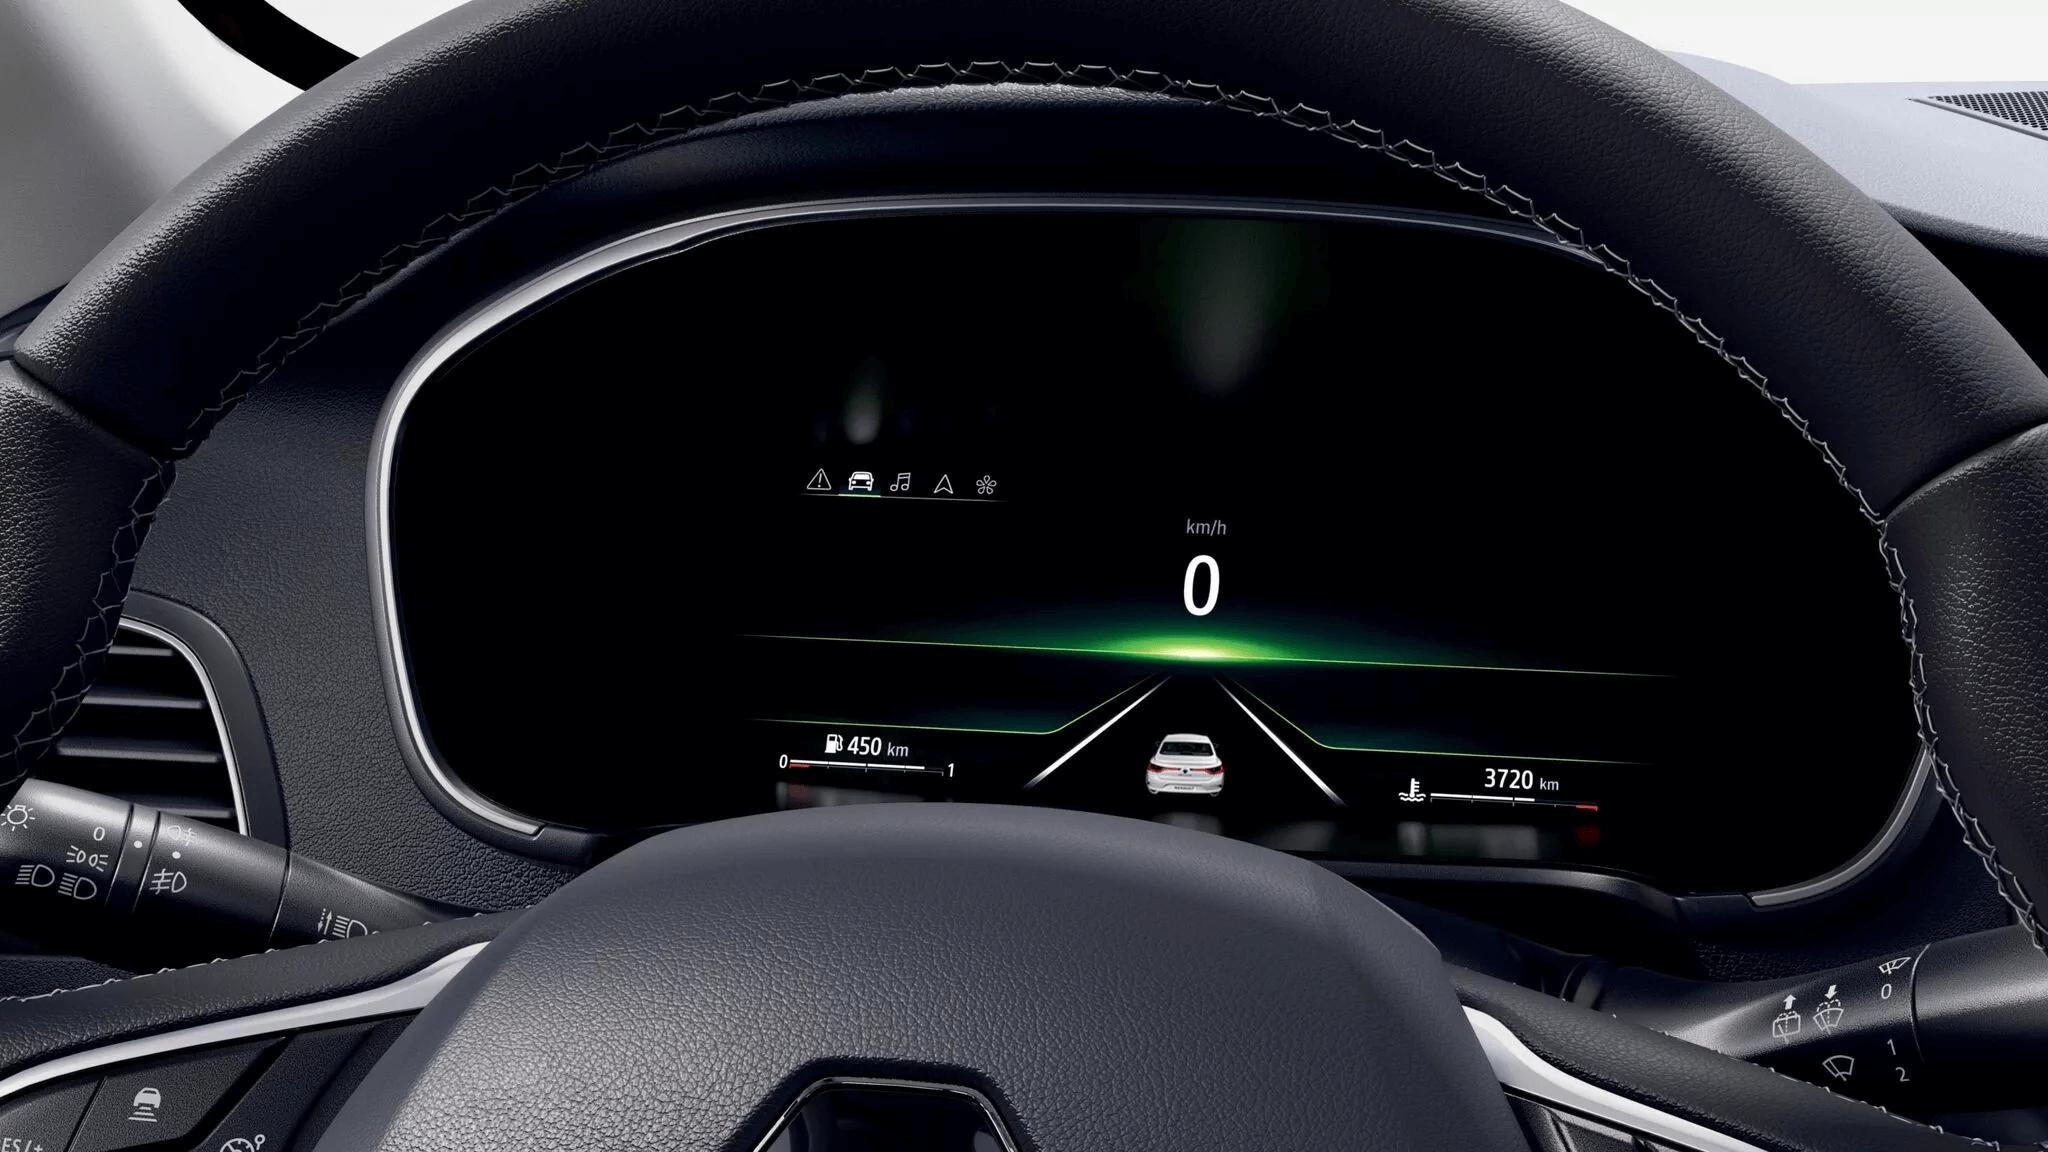 10,2-инчов екран на водача с възможност за персонализиране